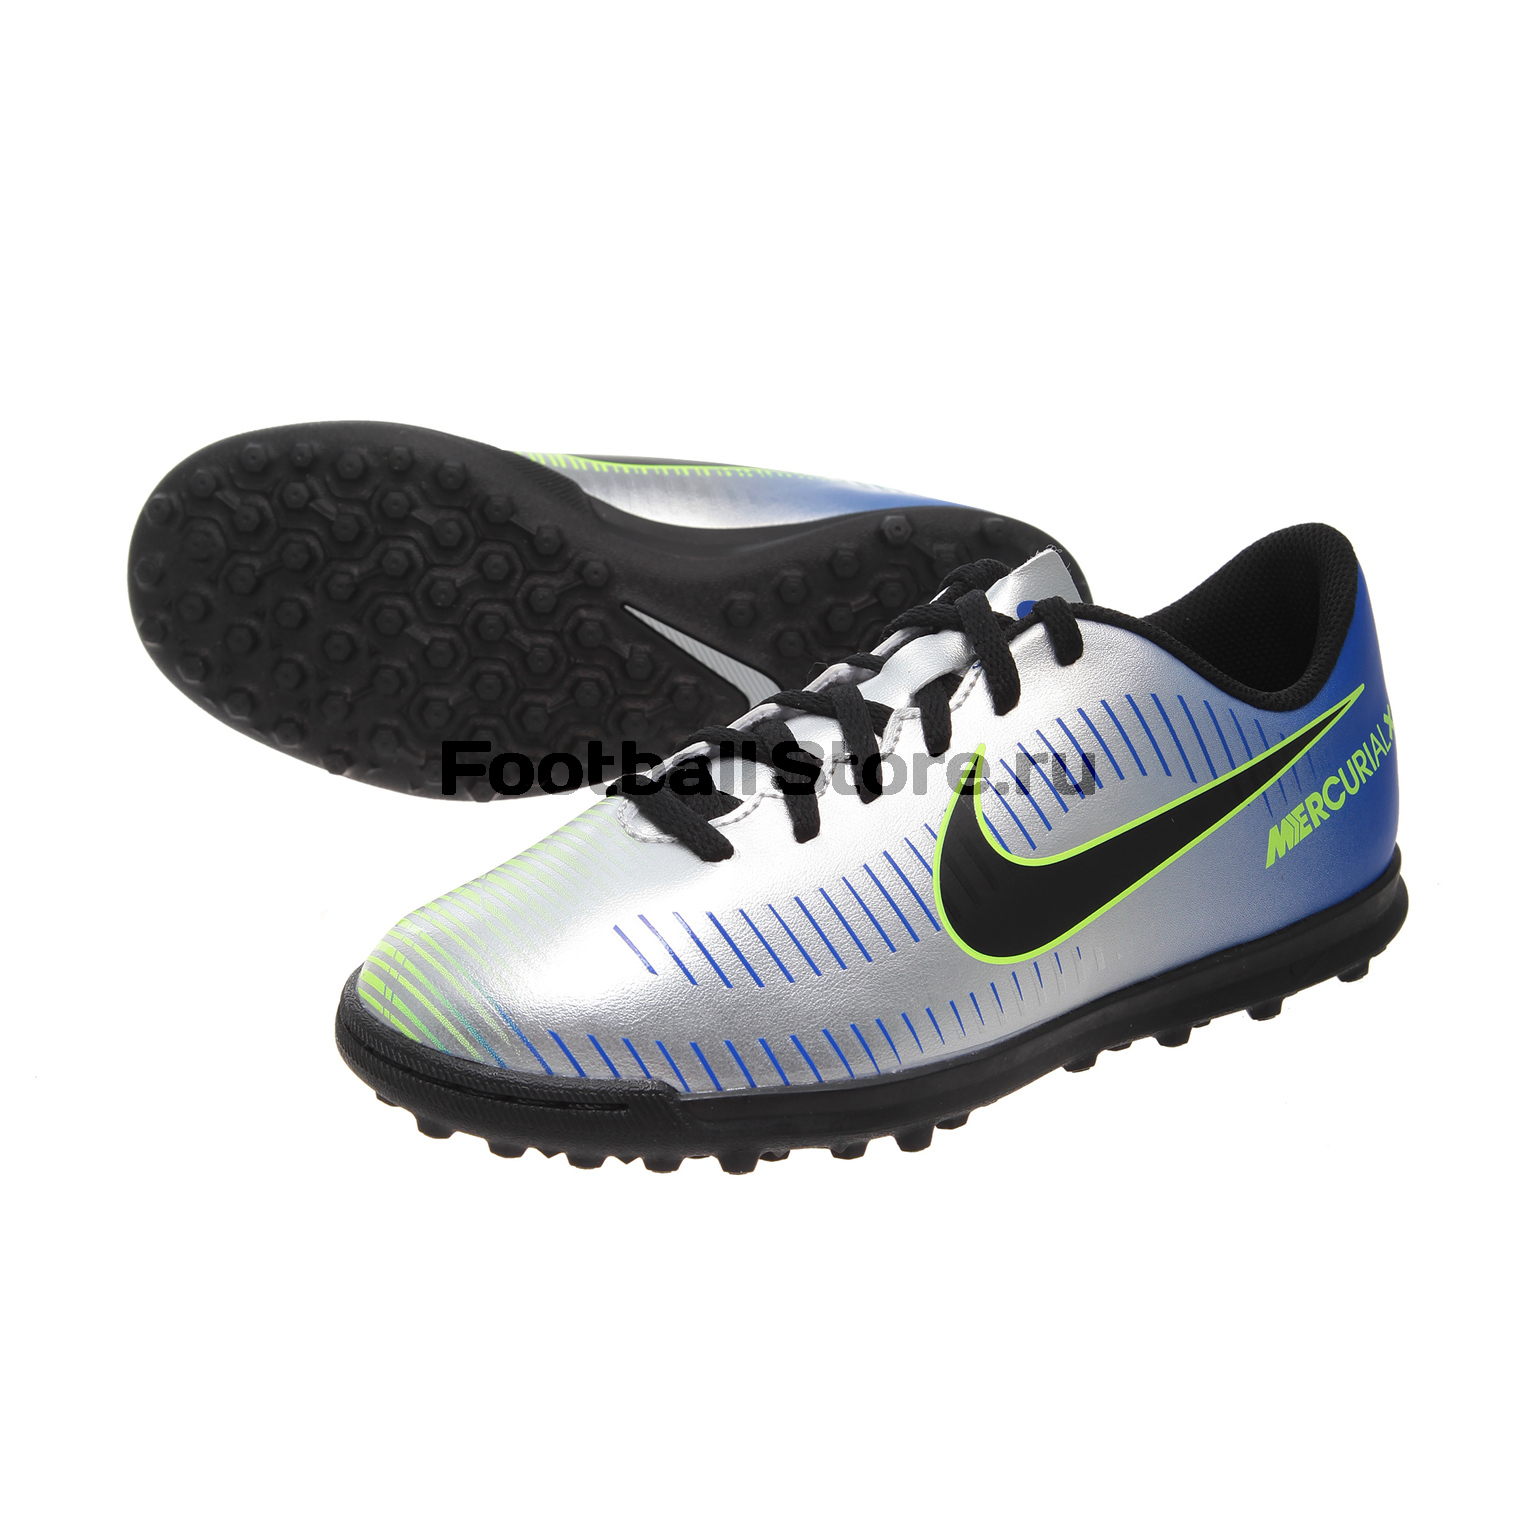 Шиповки Nike JR Mercurial X Vortex Neymar TF 921497-407 бутсы футбольные nike mercurial victory vi njr fg 921488 407 jr детские